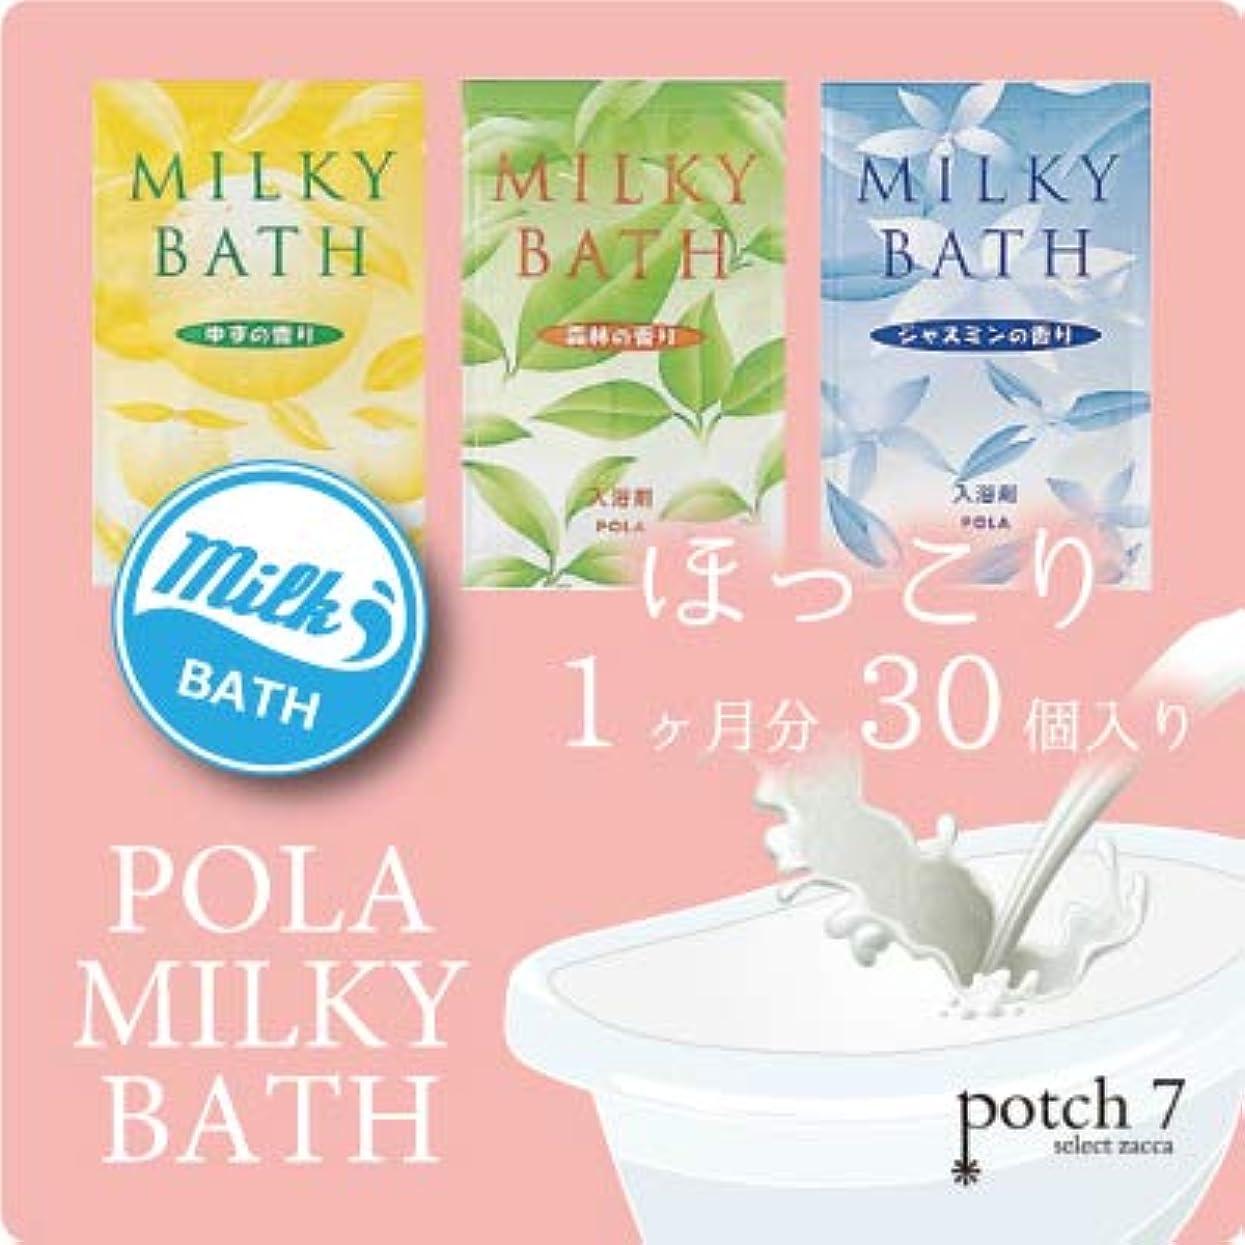 もっともらしいハプニング規定ミルキー入浴剤 にごり湯 POLA ミルキィバス 白濁 ゆず?森林?ジャスミンの香り 3種類×各10個 メール便